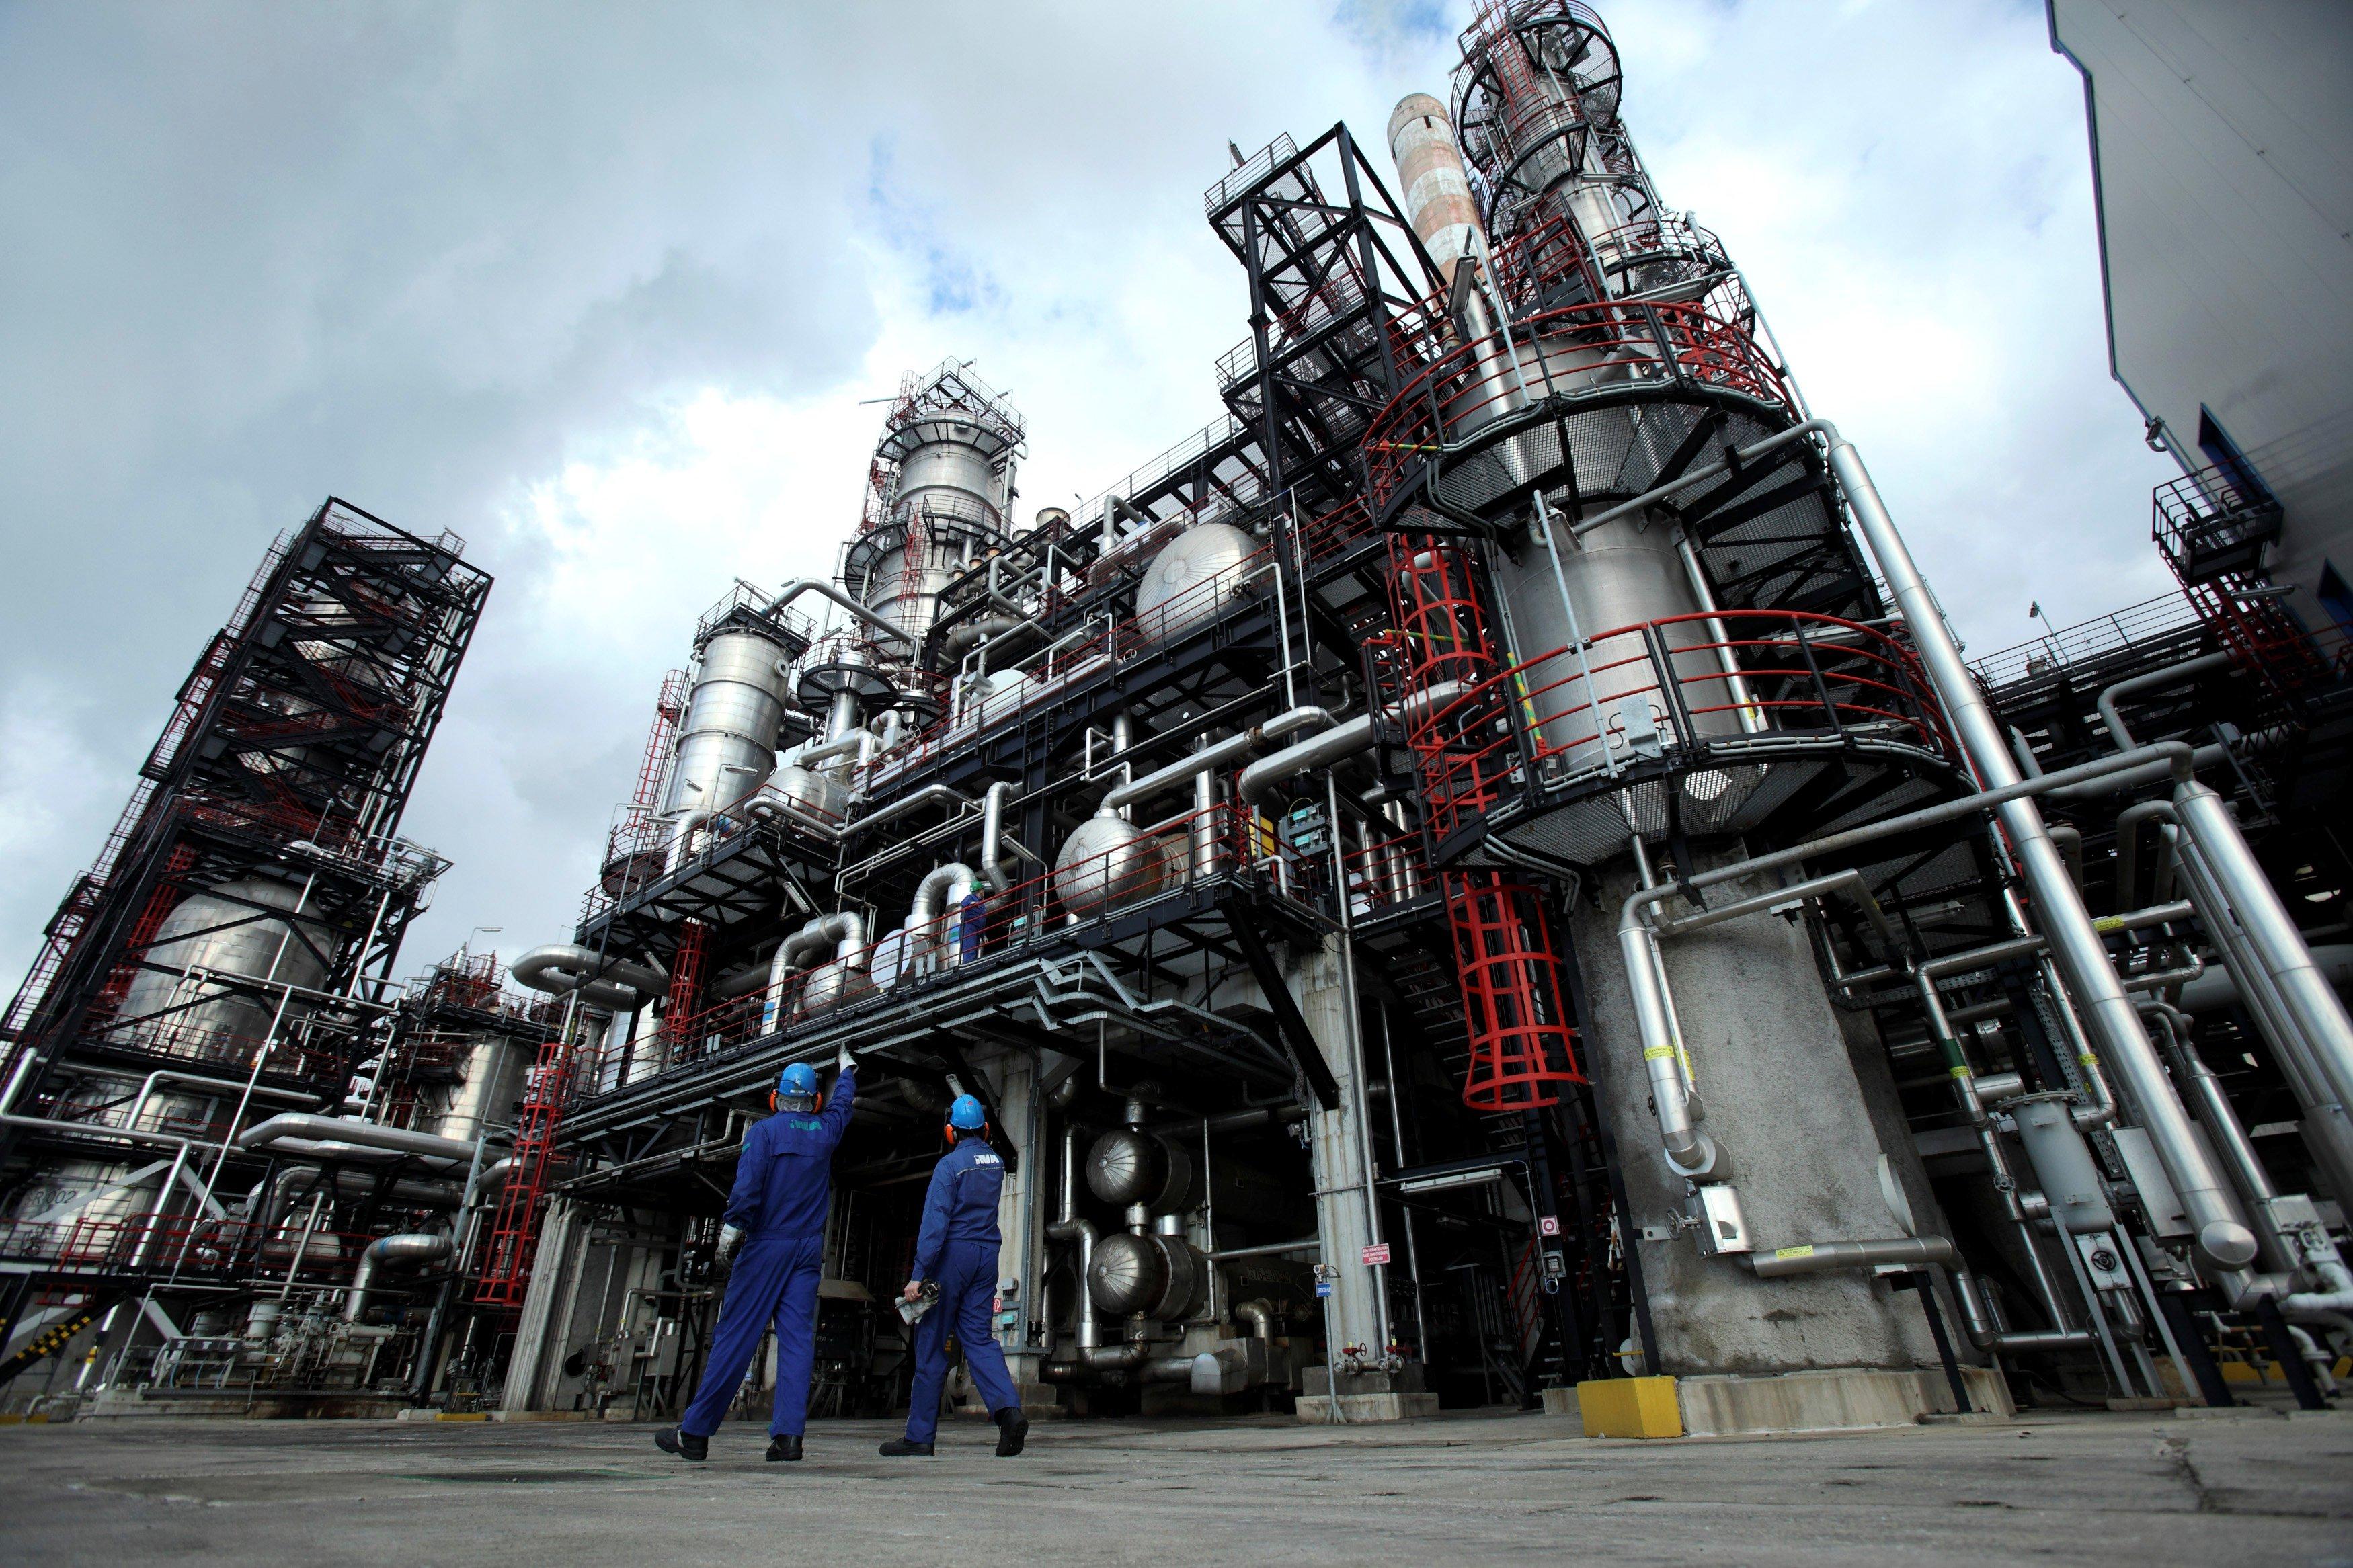 نمو صادرات النفط الأمريكية لآسيا في الربع الثاني مع تراجع تكاليف الشحن